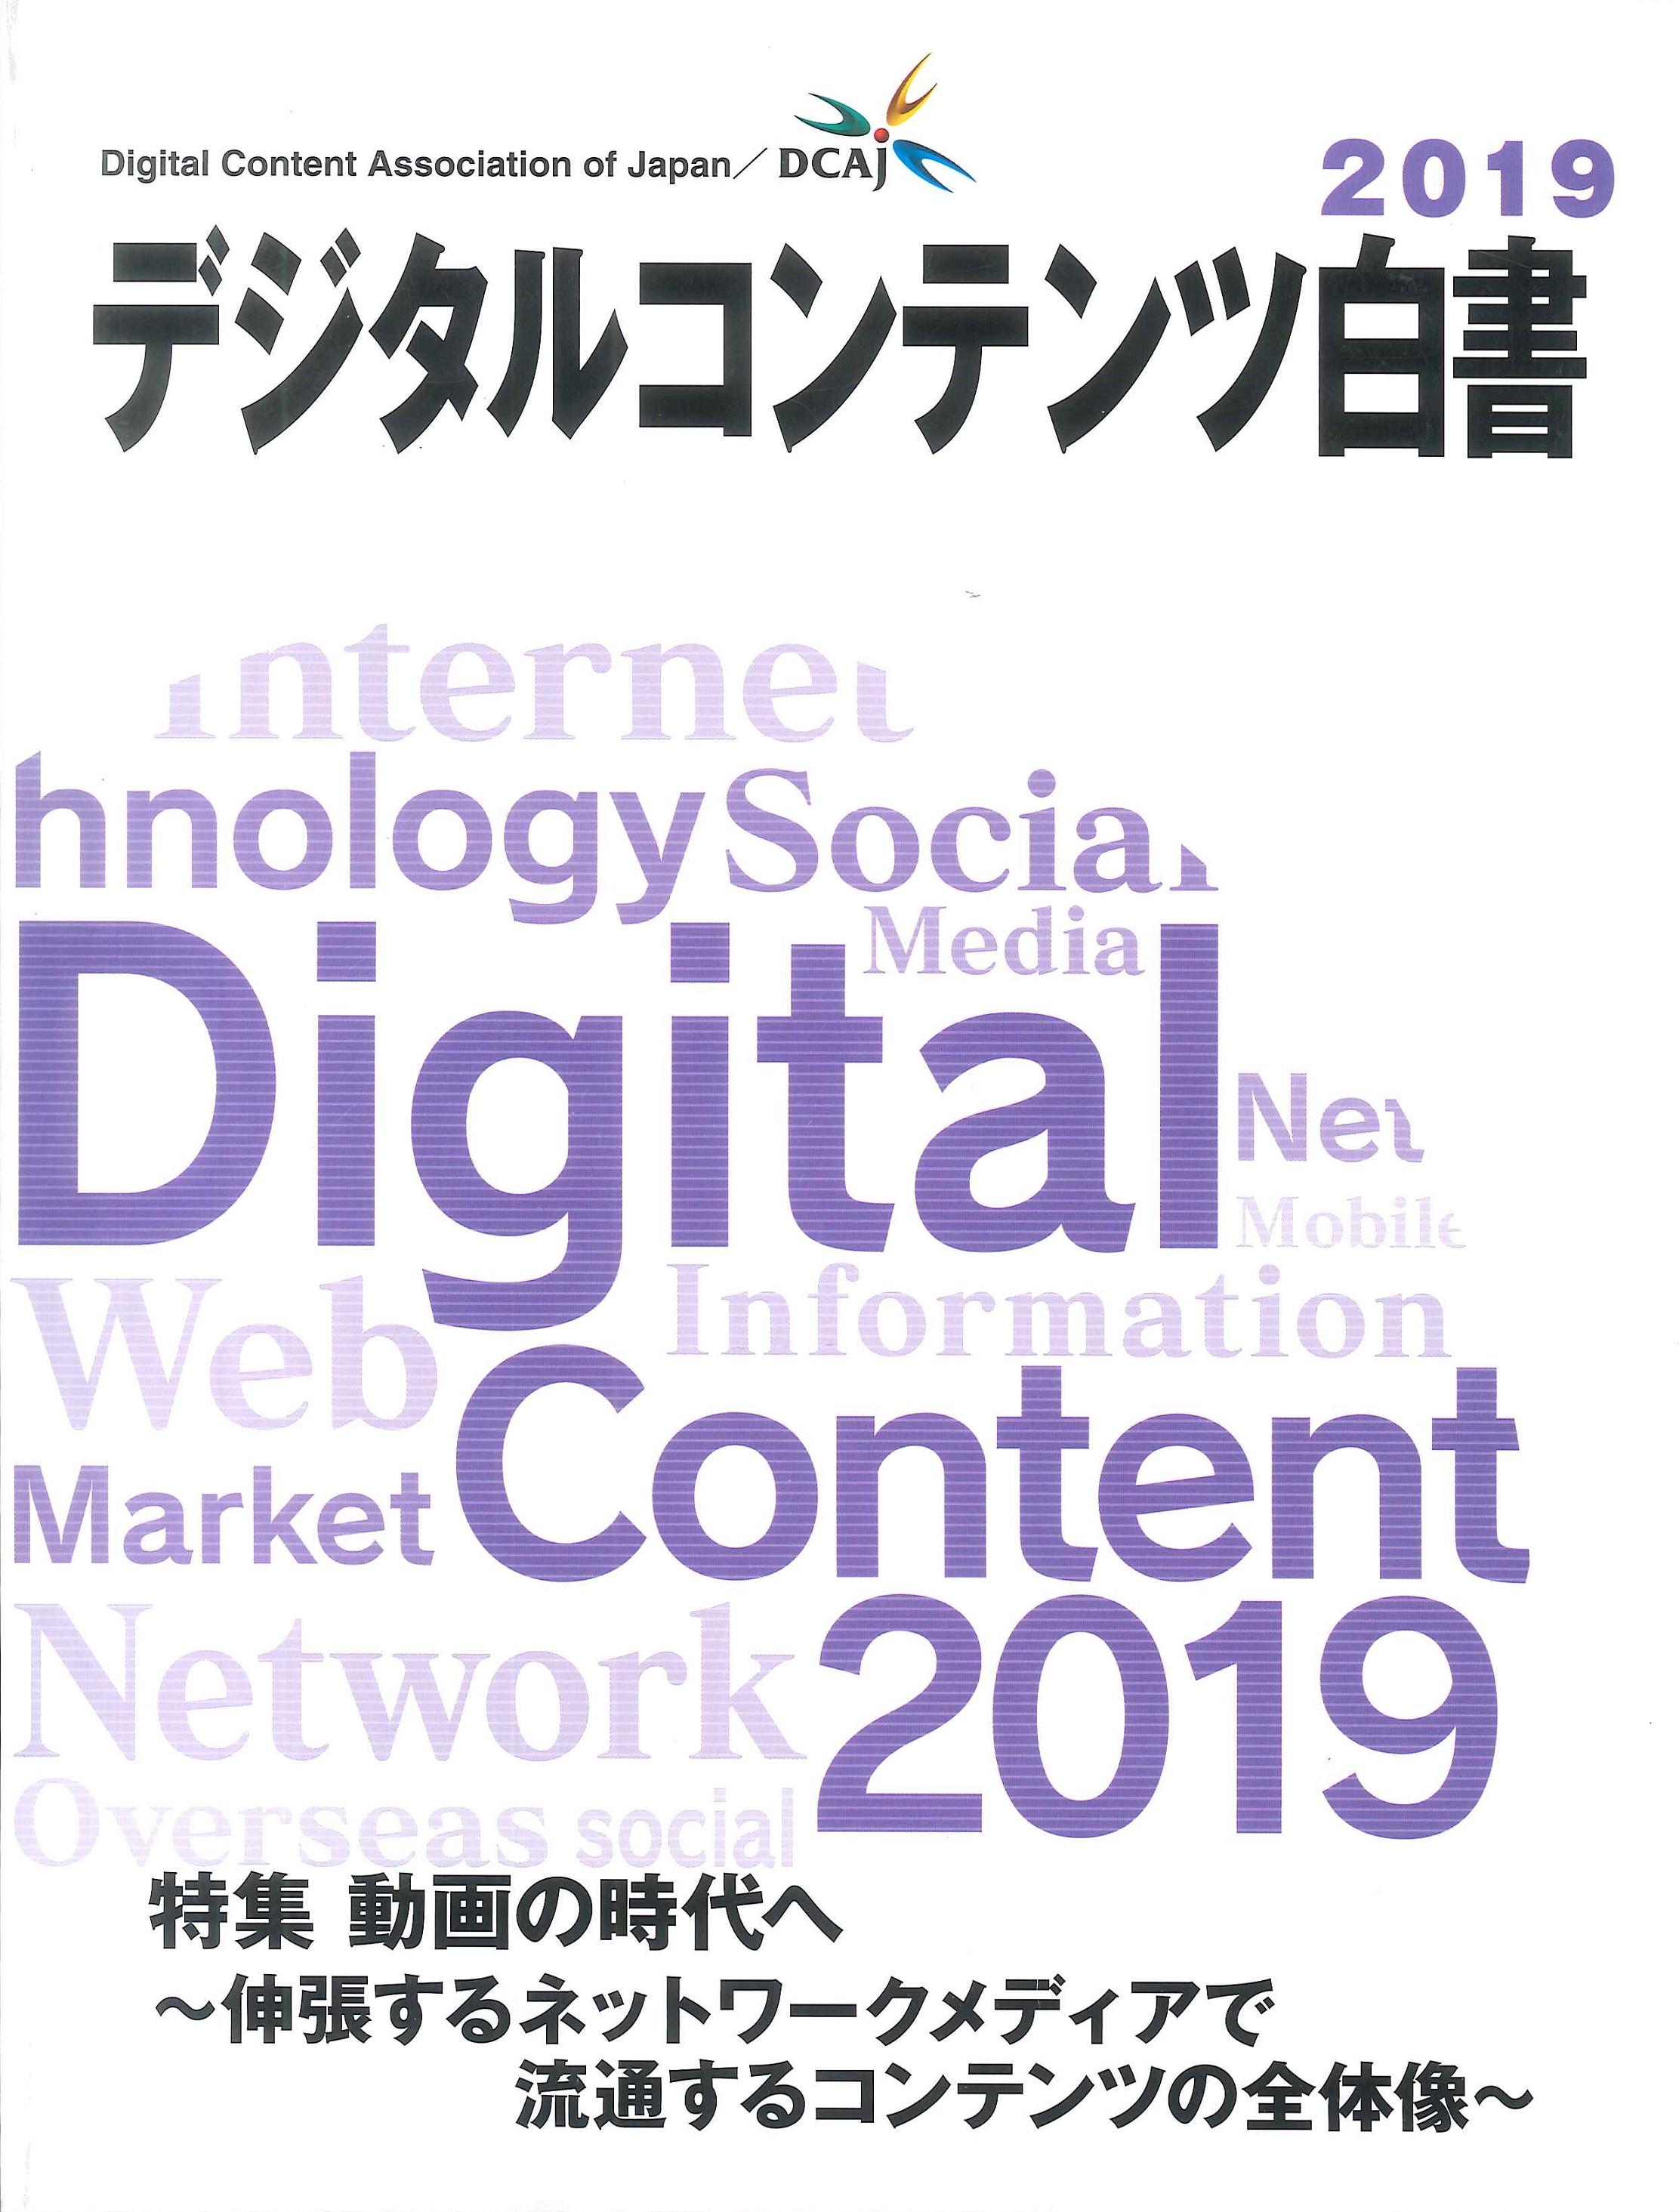 デジタルコンテンツ白書=Digital content white paper